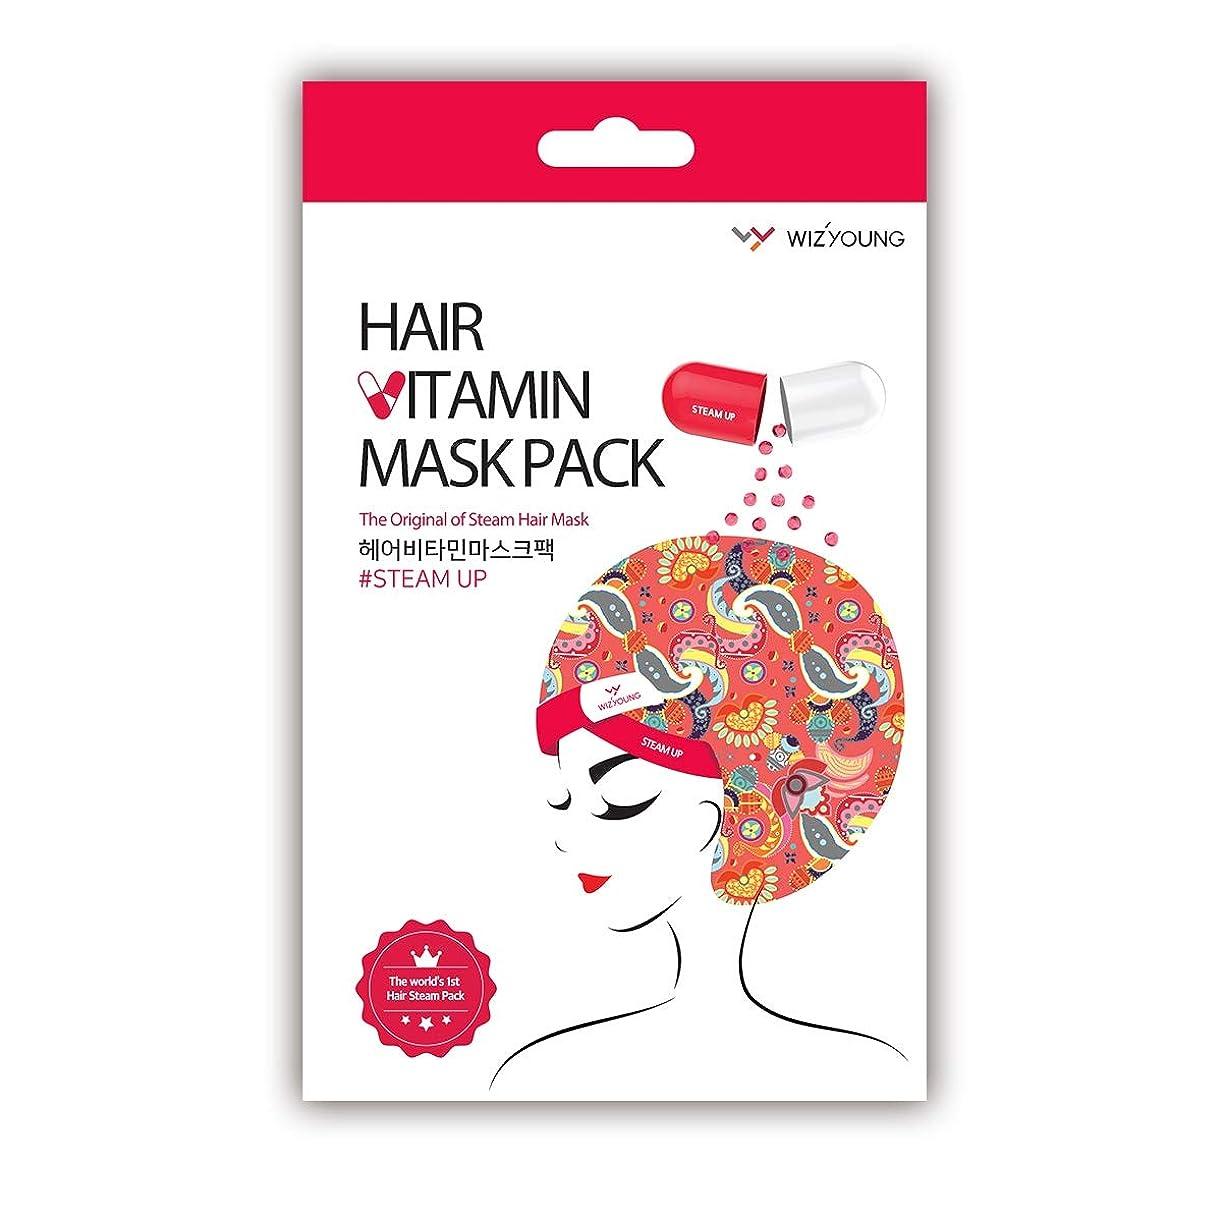 モルヒネましいヒントヘアビタミンマスクパック スチームアップ HAIR VITAMIN MASK PACK STEAM UP